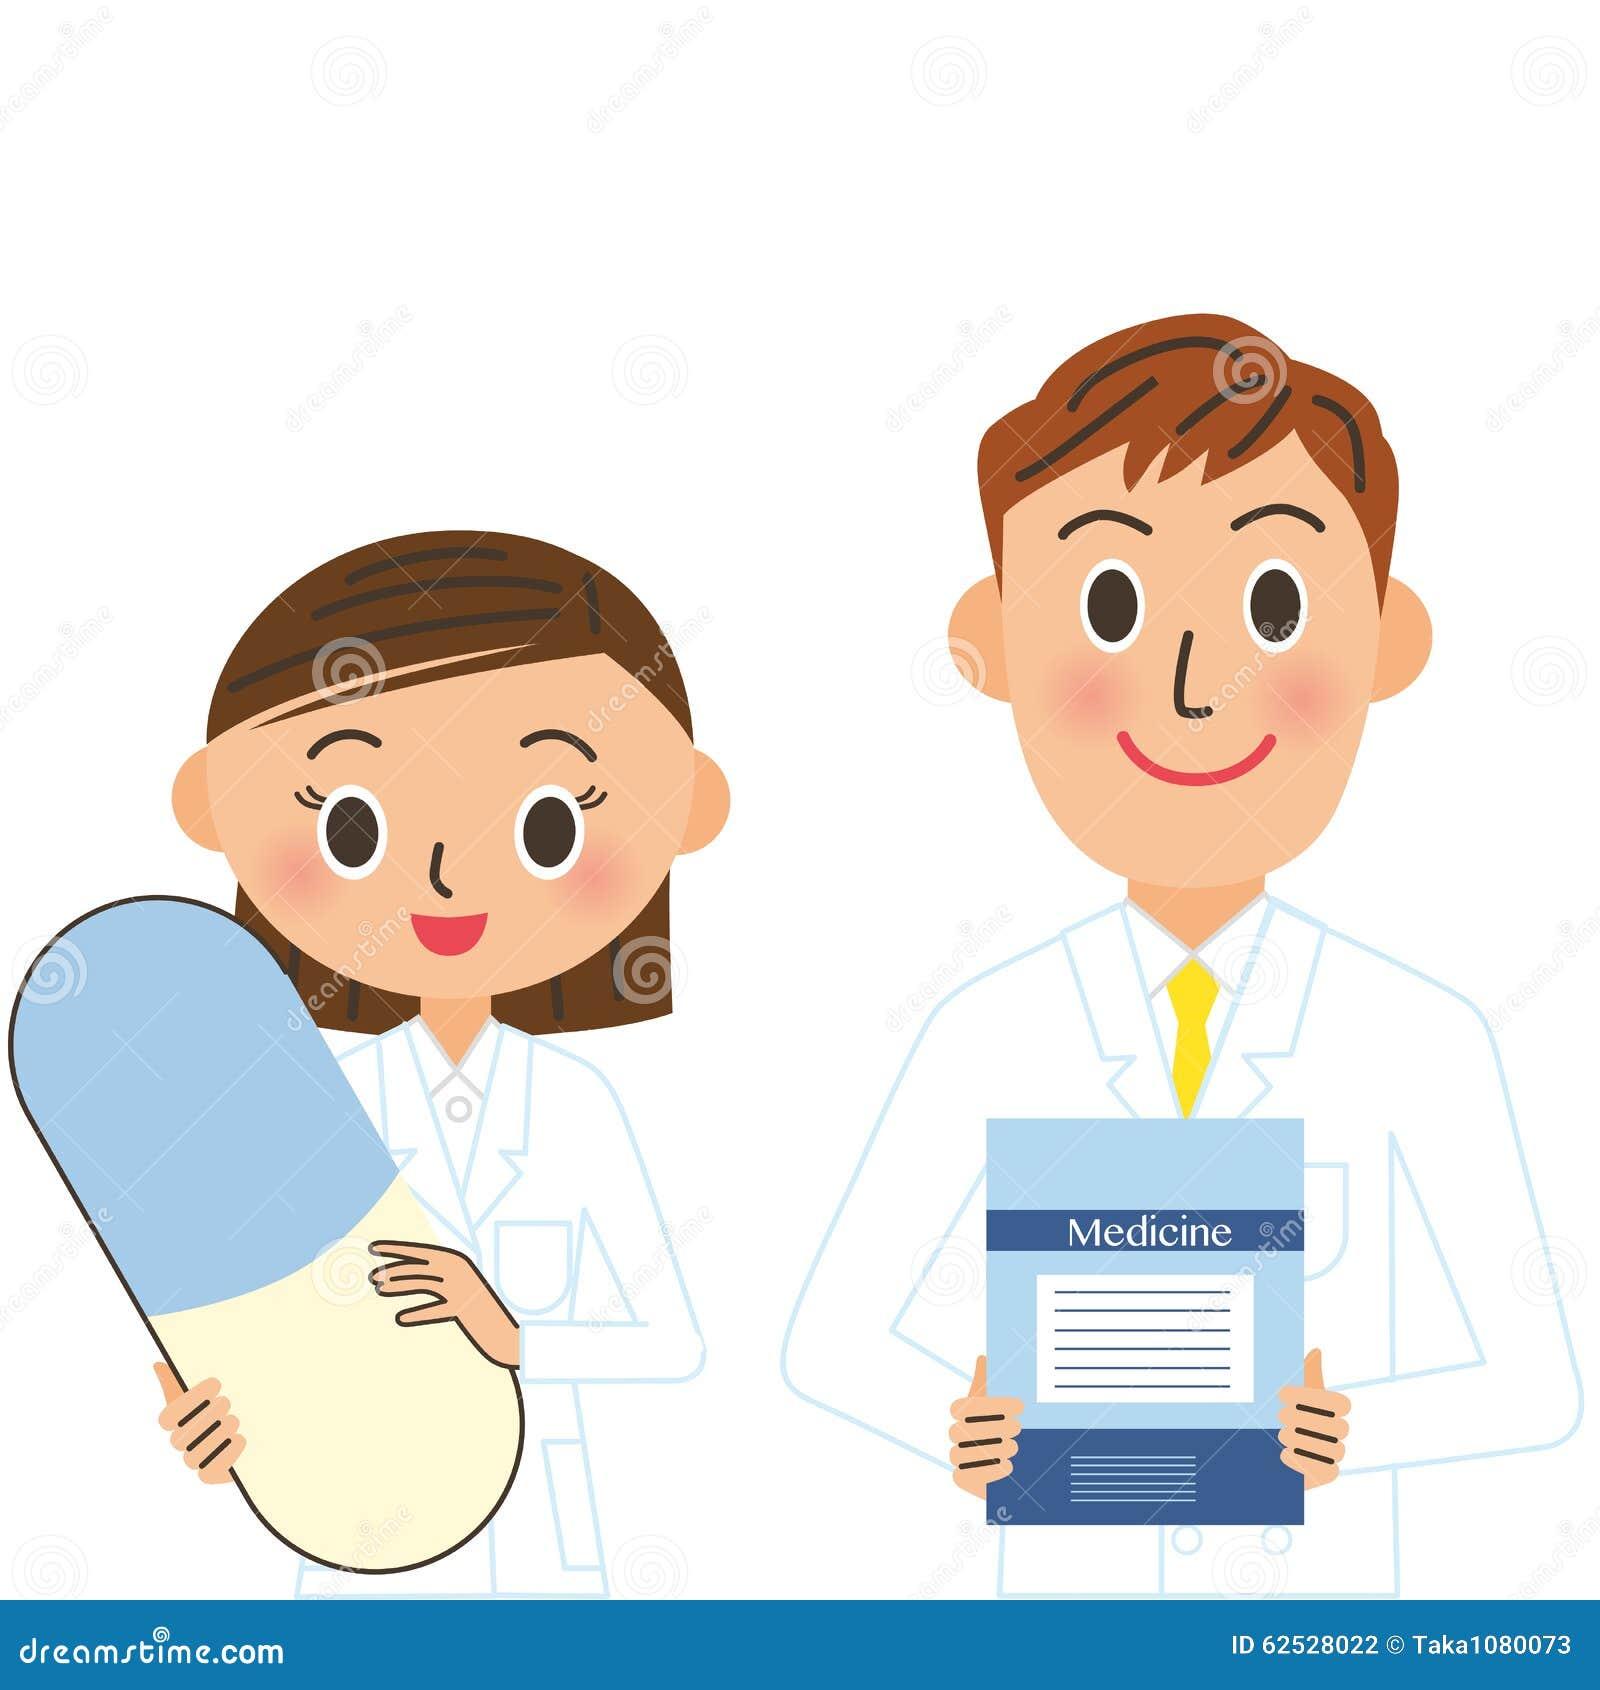 药剂学科目_药剂师、药师、职业药师这三个有什么区别吗?我如果开药店 ...